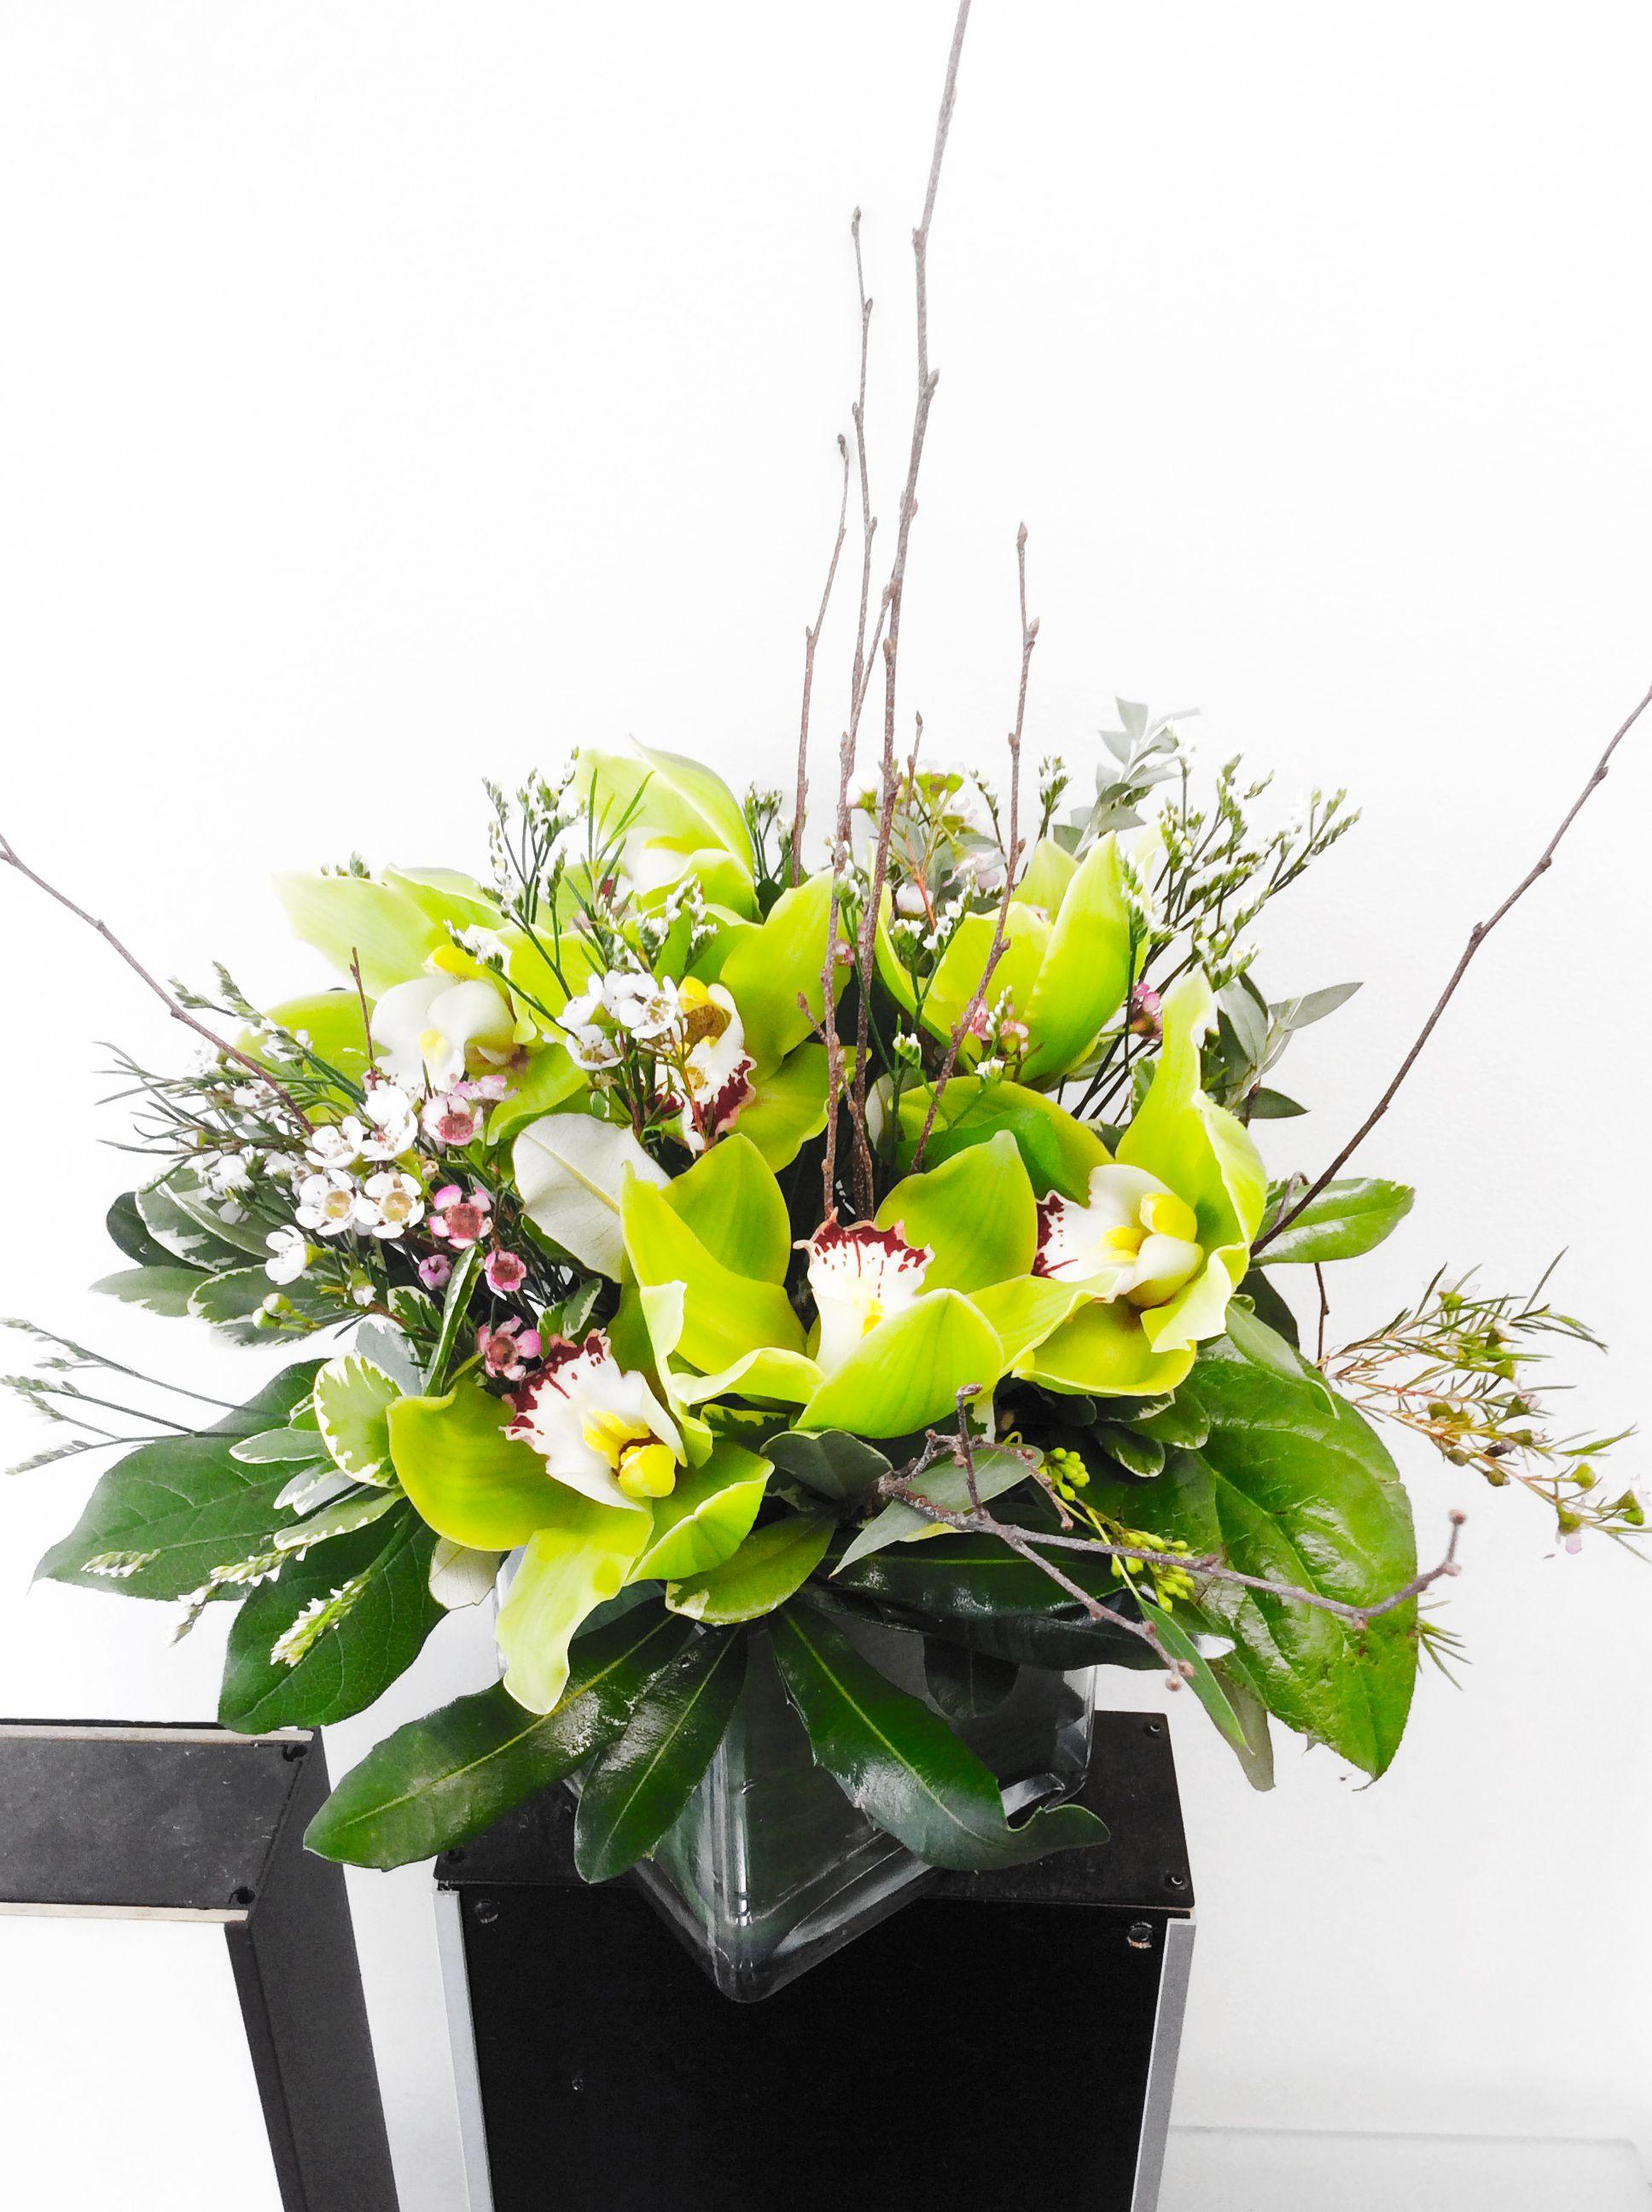 rose arrangements in square vases of a custom floral arrangement in a square vase designed by flowers intended for a custom floral arrangement in a square vase designed by flowers naturally in